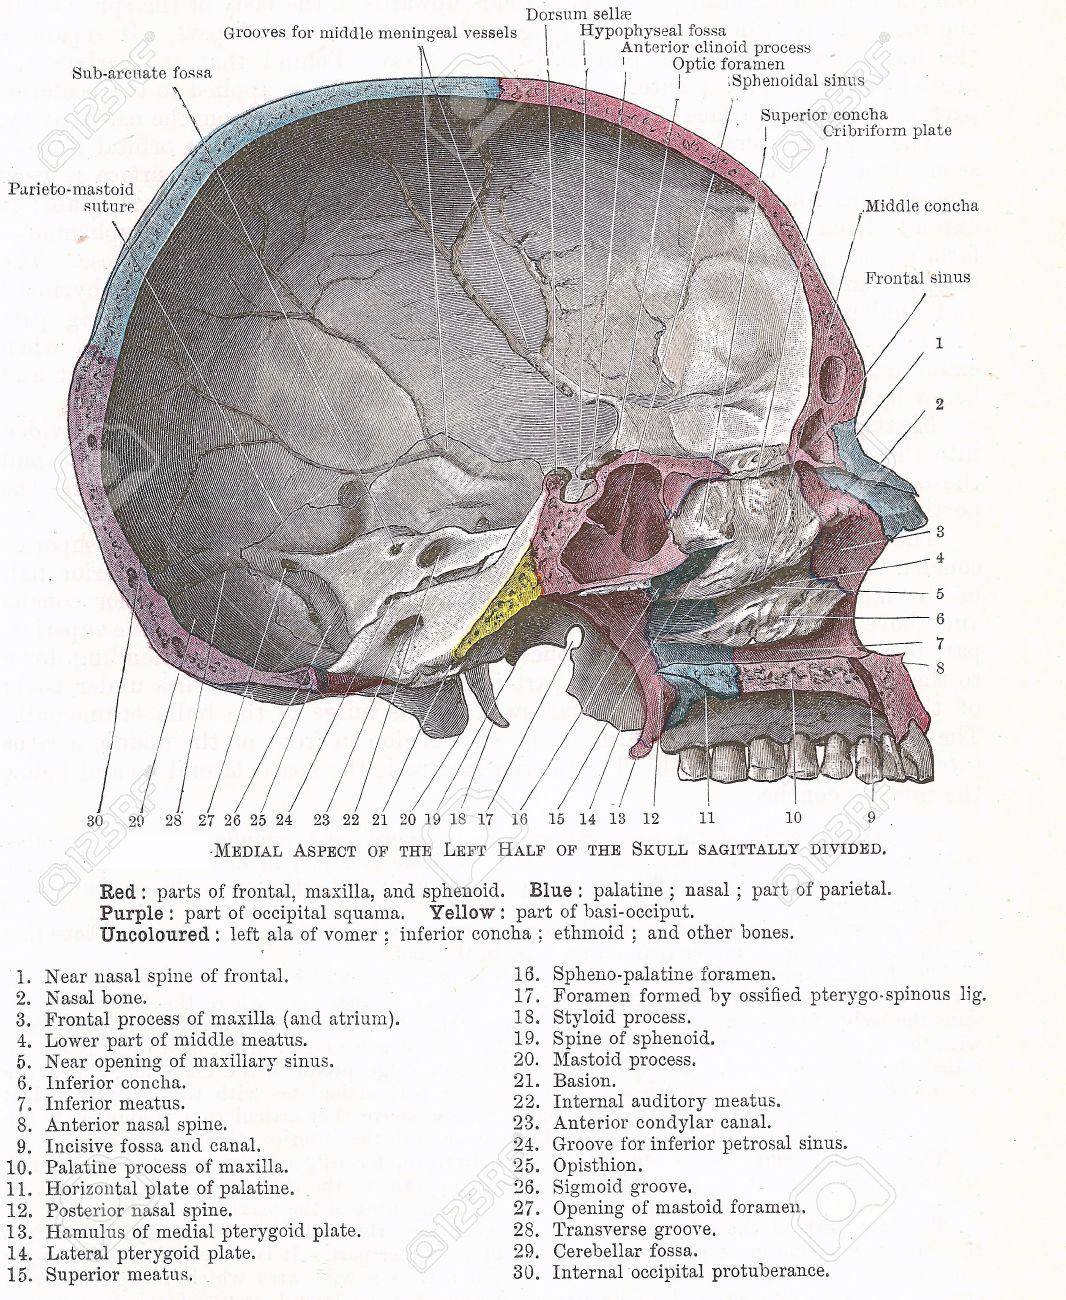 Sezieren Des Menschlichen Kopfes - Medialen Aspekt Der Linken Seite ...